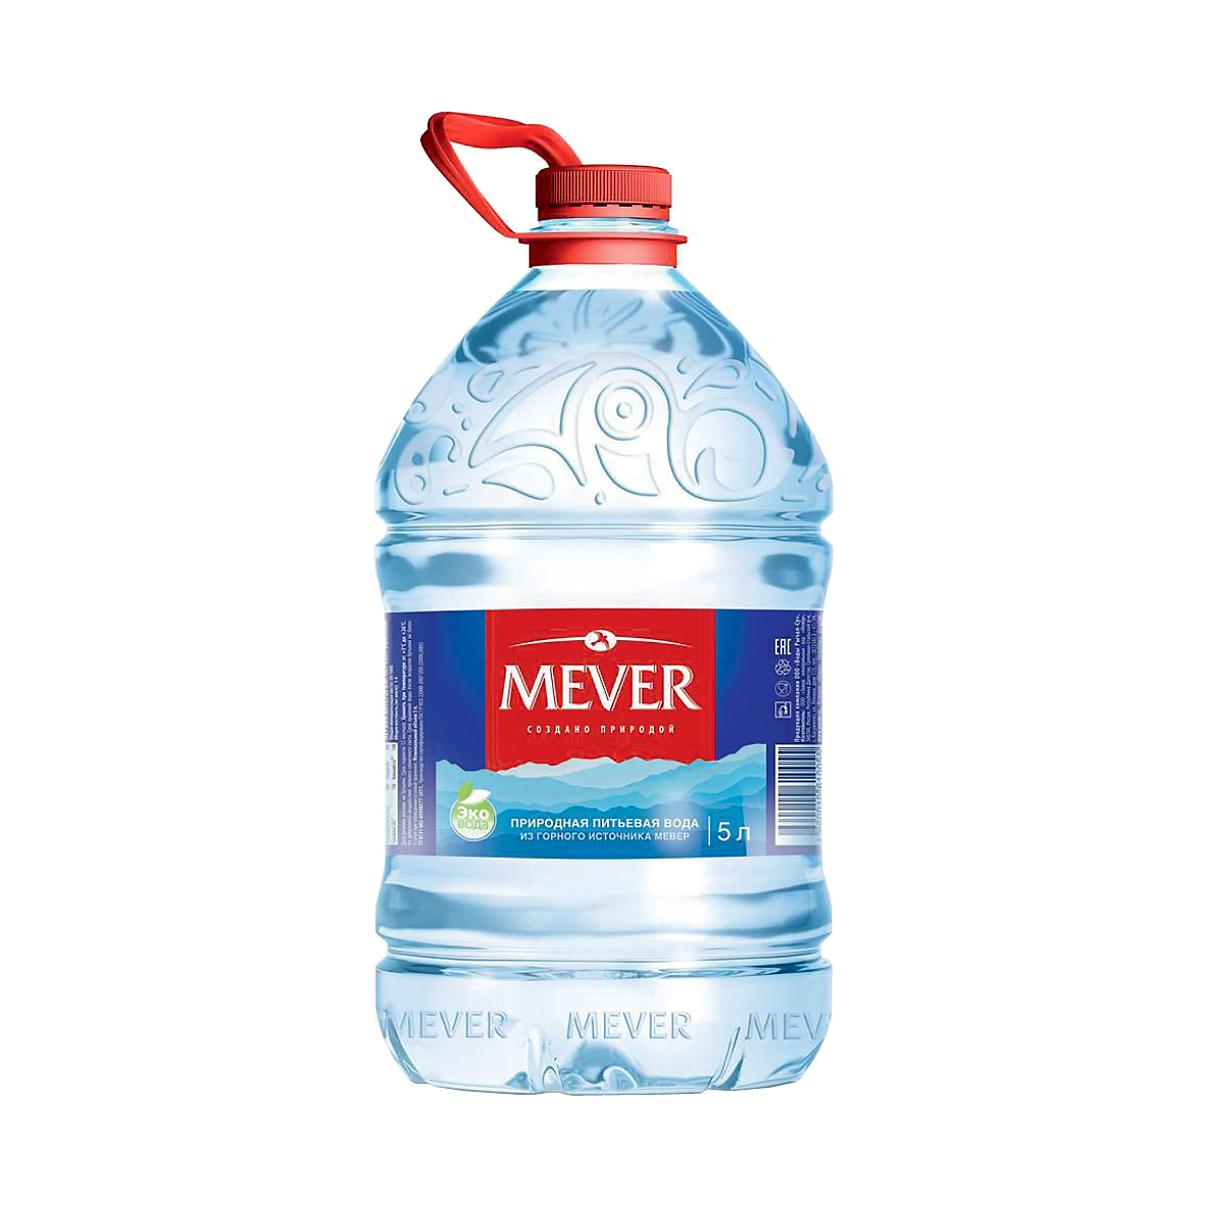 Вода питьевая Mever 5 л вода питьевая малышка 1 5 л